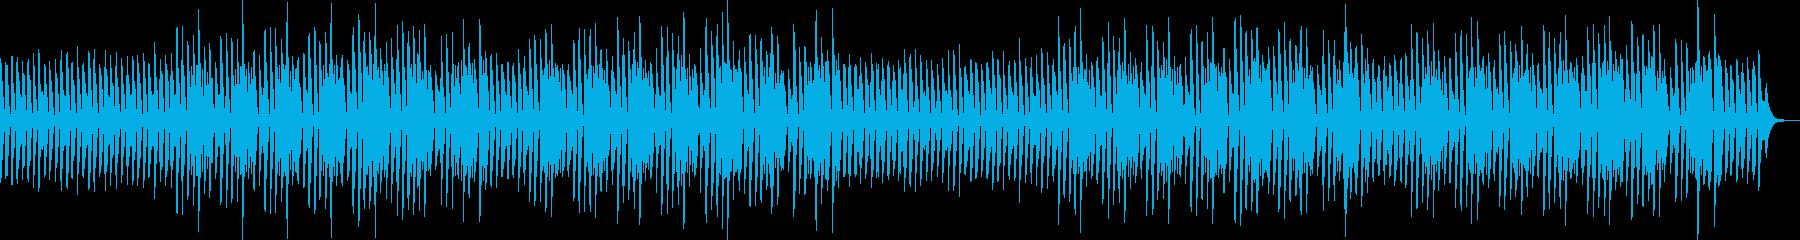 ピアノソロ・楽しい・誕生日・動物の再生済みの波形